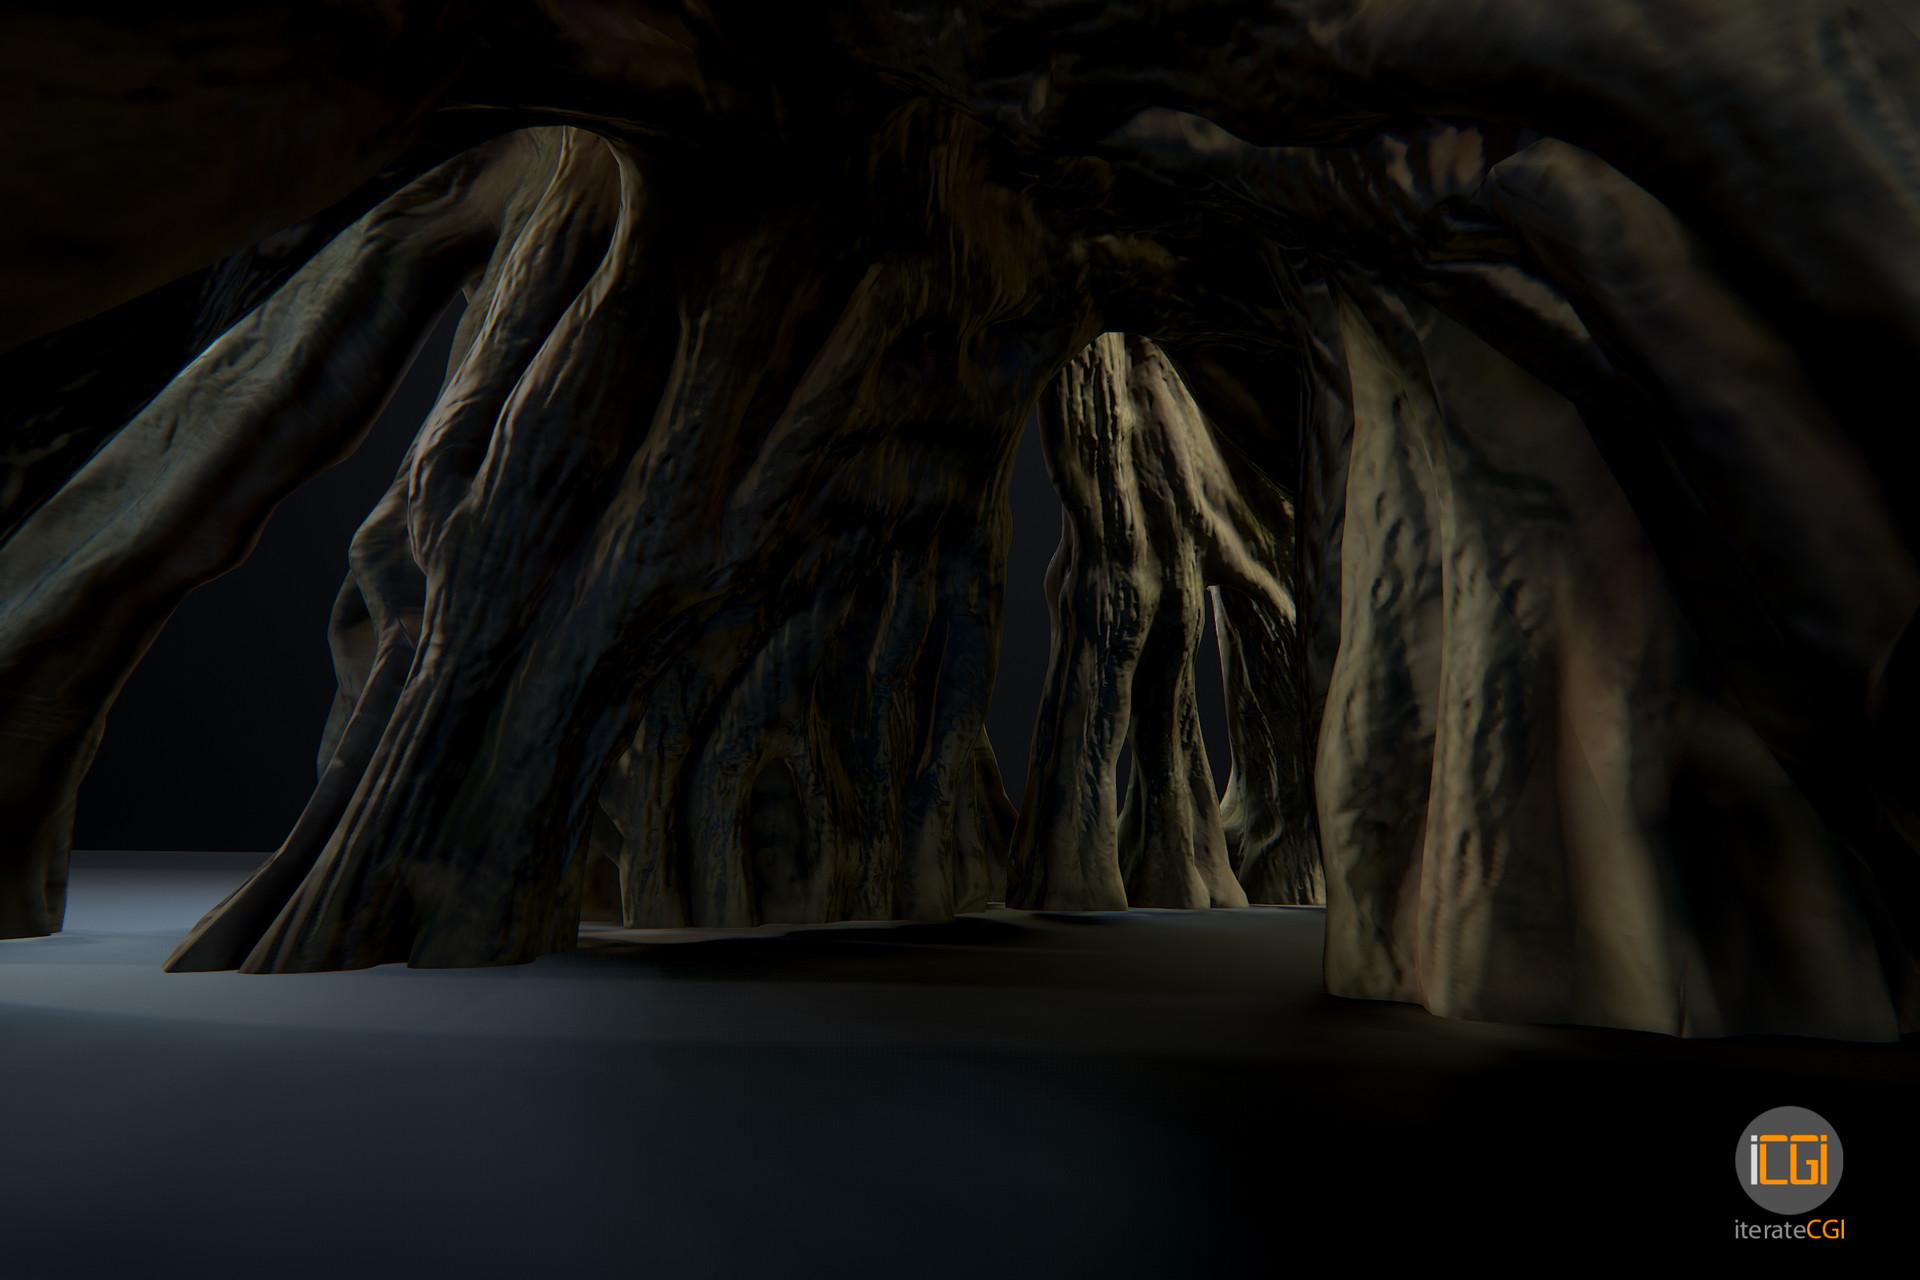 Johan de leenheer alien plant mushroom type2 16